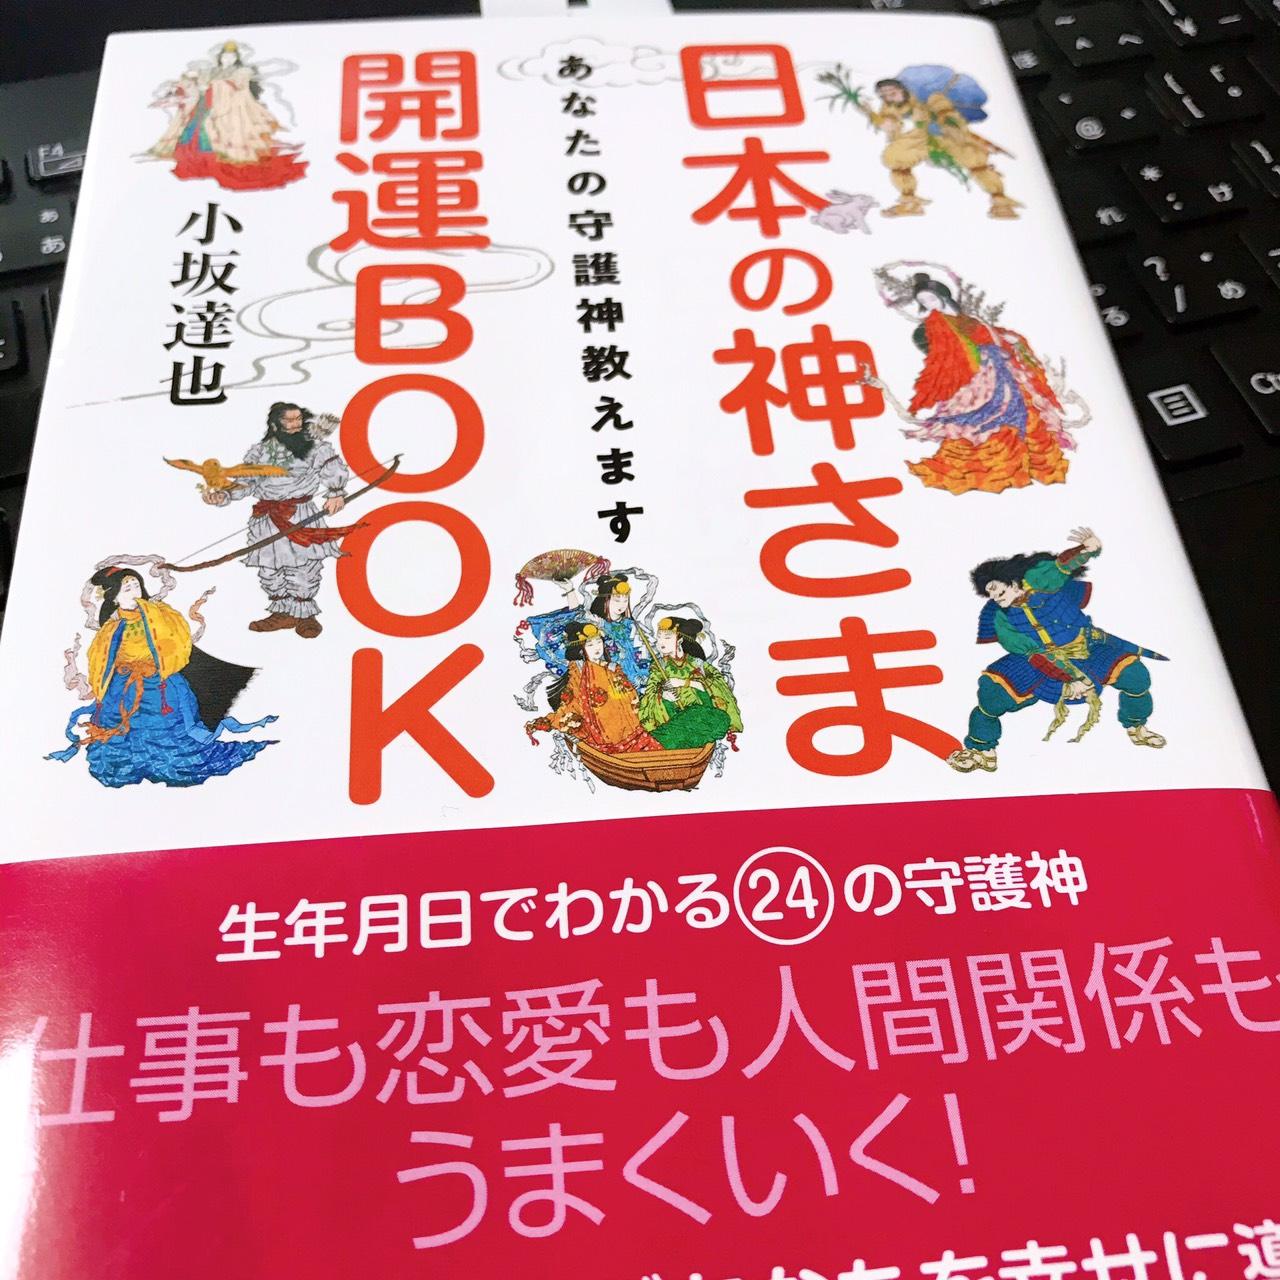 日本の神様開運BOOK